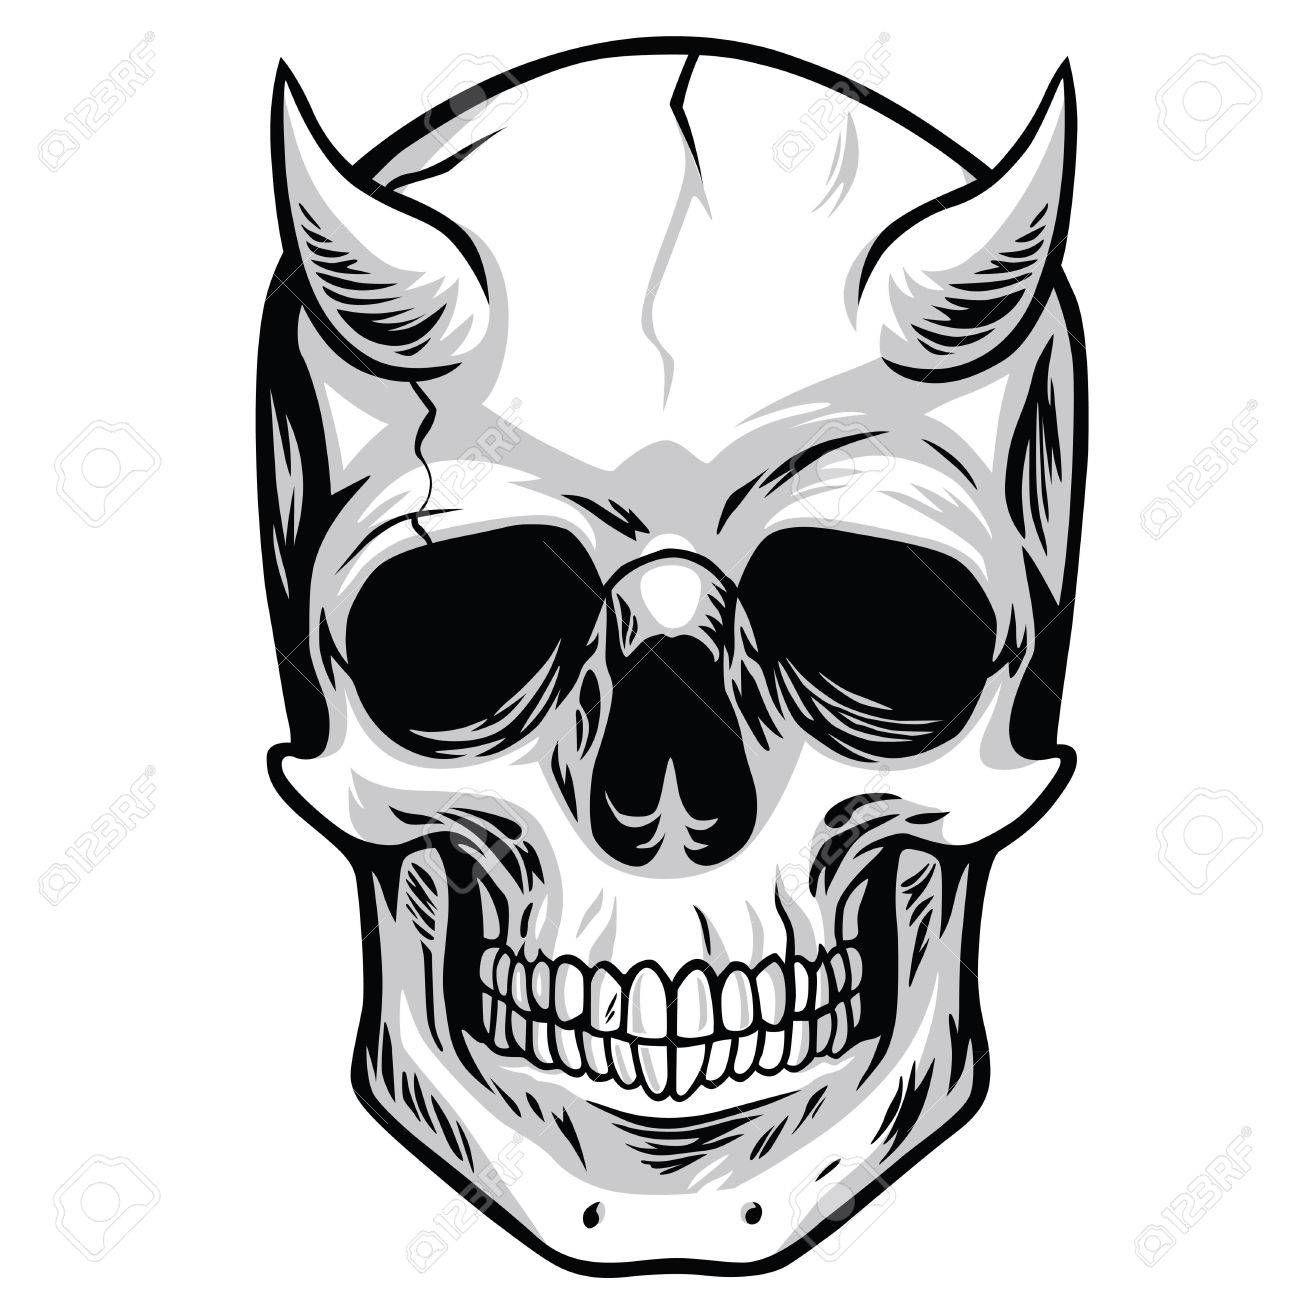 1299x1300 Image Result For Skull Tattoos Skull Illustration, Skull